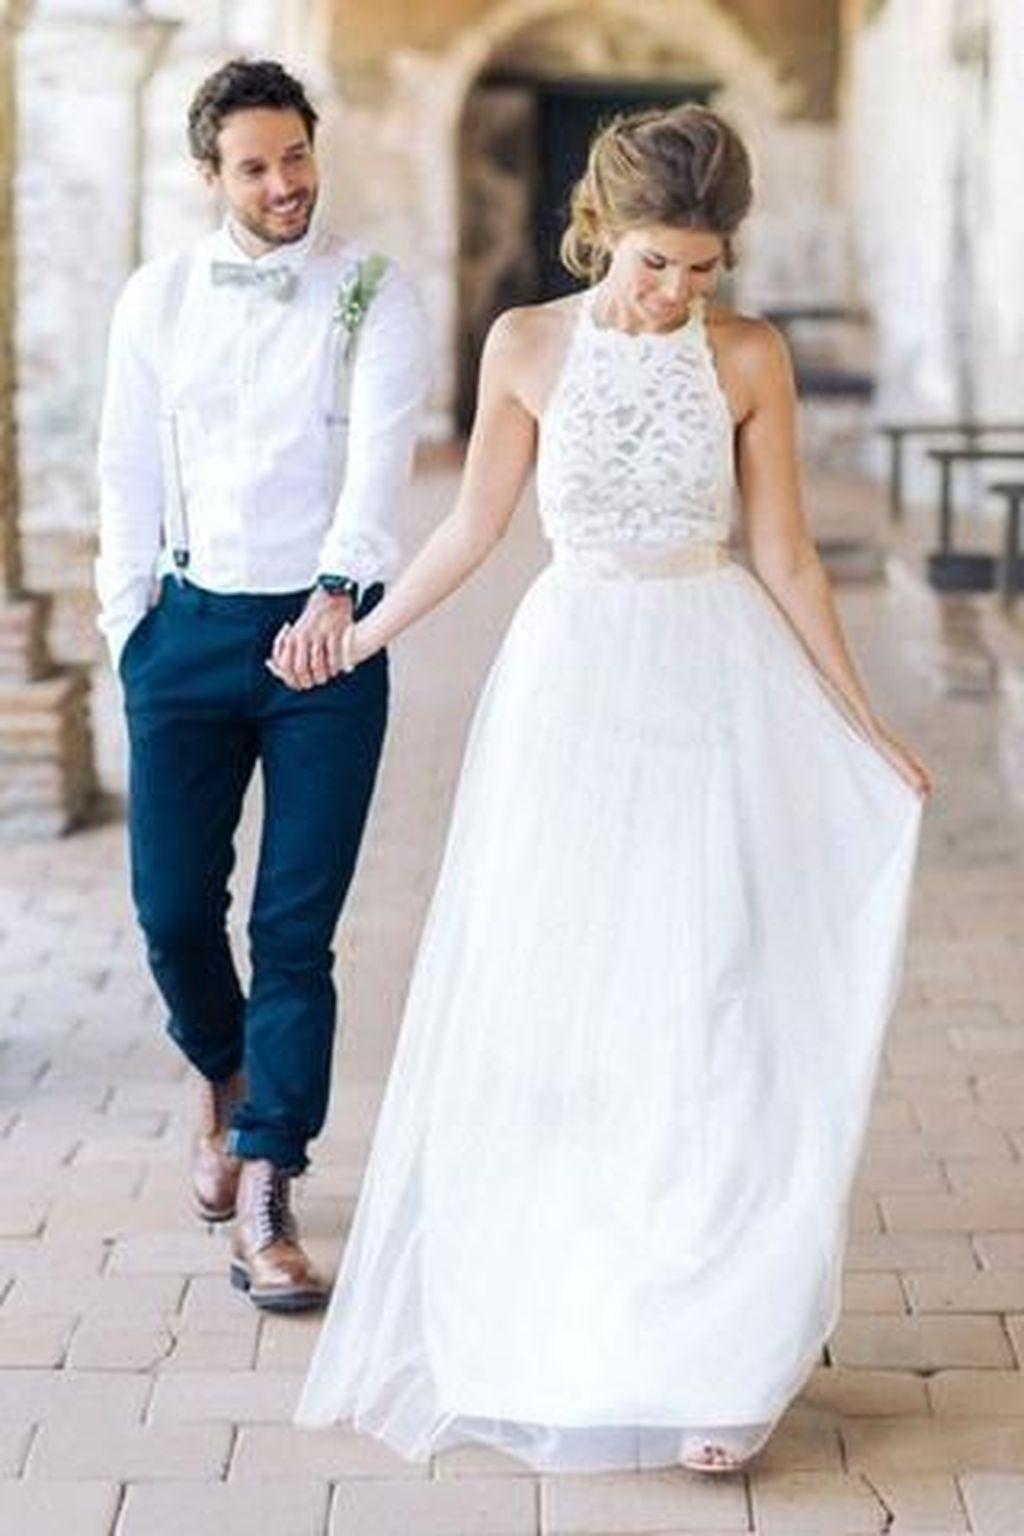 Best Princess Wedding Dress Ideas For Beach Theme 23 | Pinterest ...